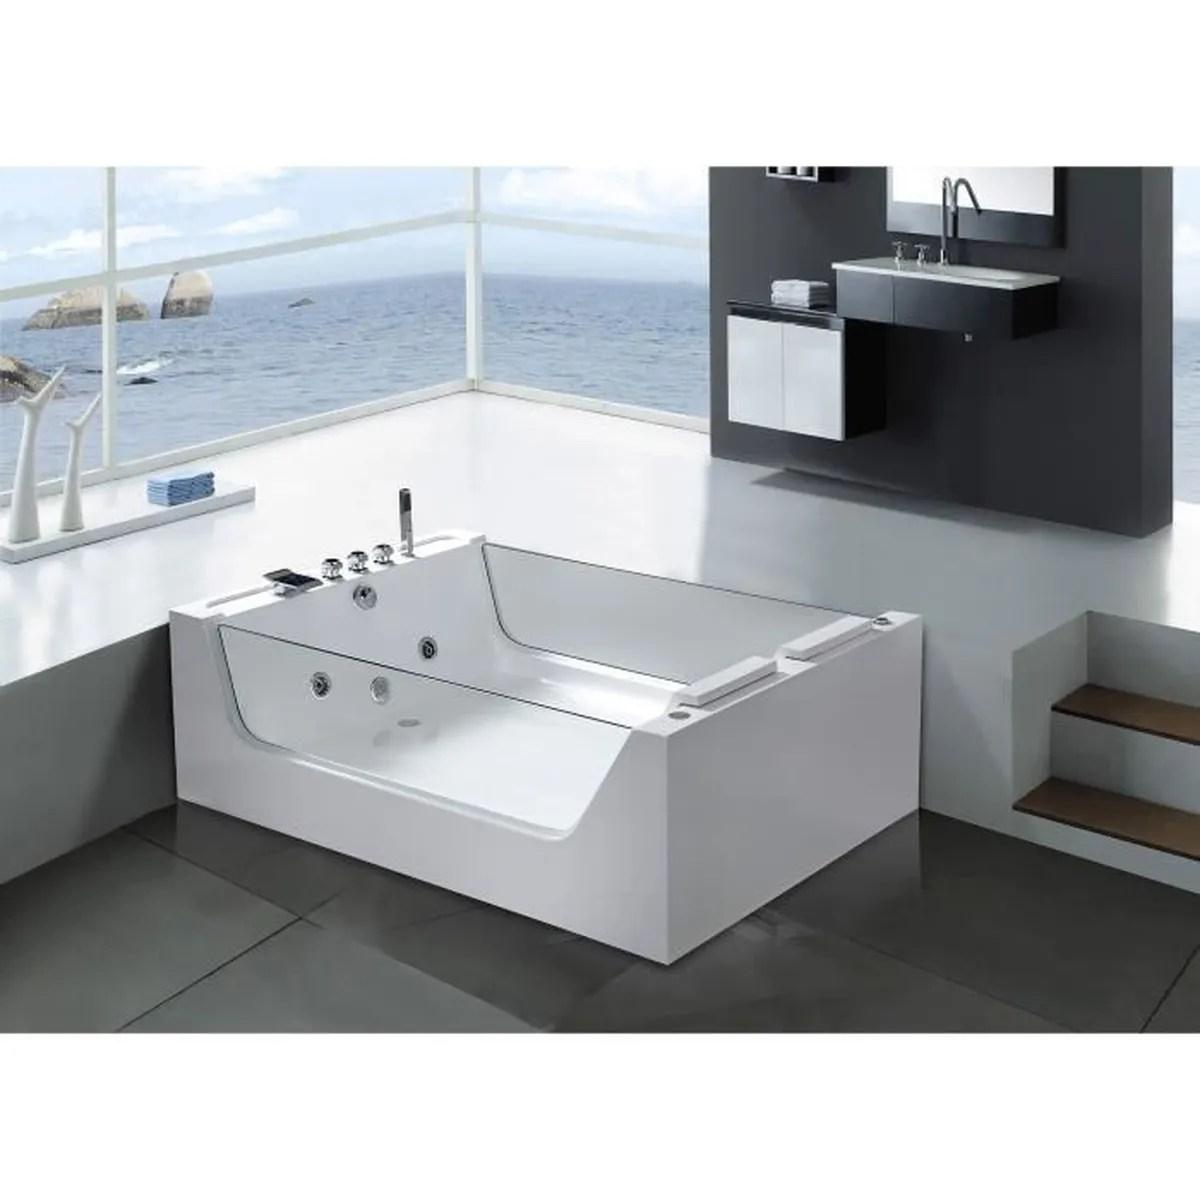 baignoire balneo 2 verre panoramique 170 x 120 cm spa massante blanc iris